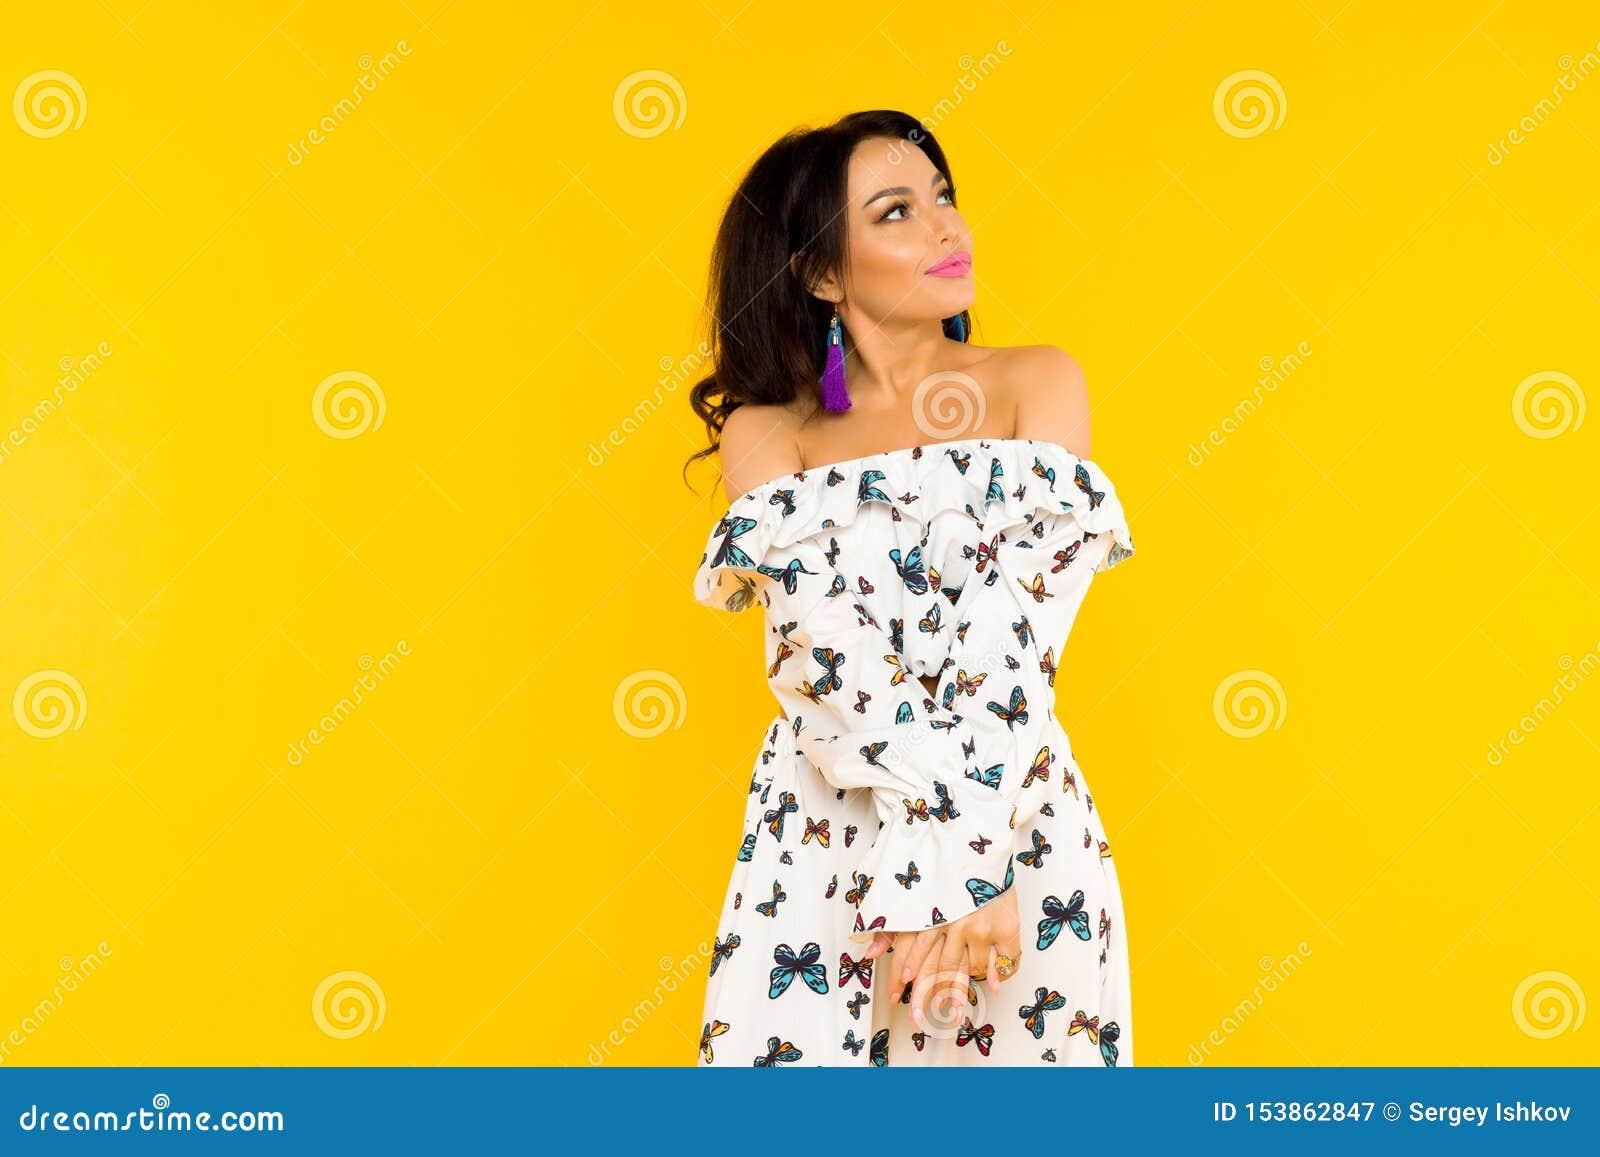 Χαριτωμένη ασιατική γυναίκα στο φόρεμα μεταξιού με τις πεταλούδες που θέτει στο κίτρινο υπόβαθρο